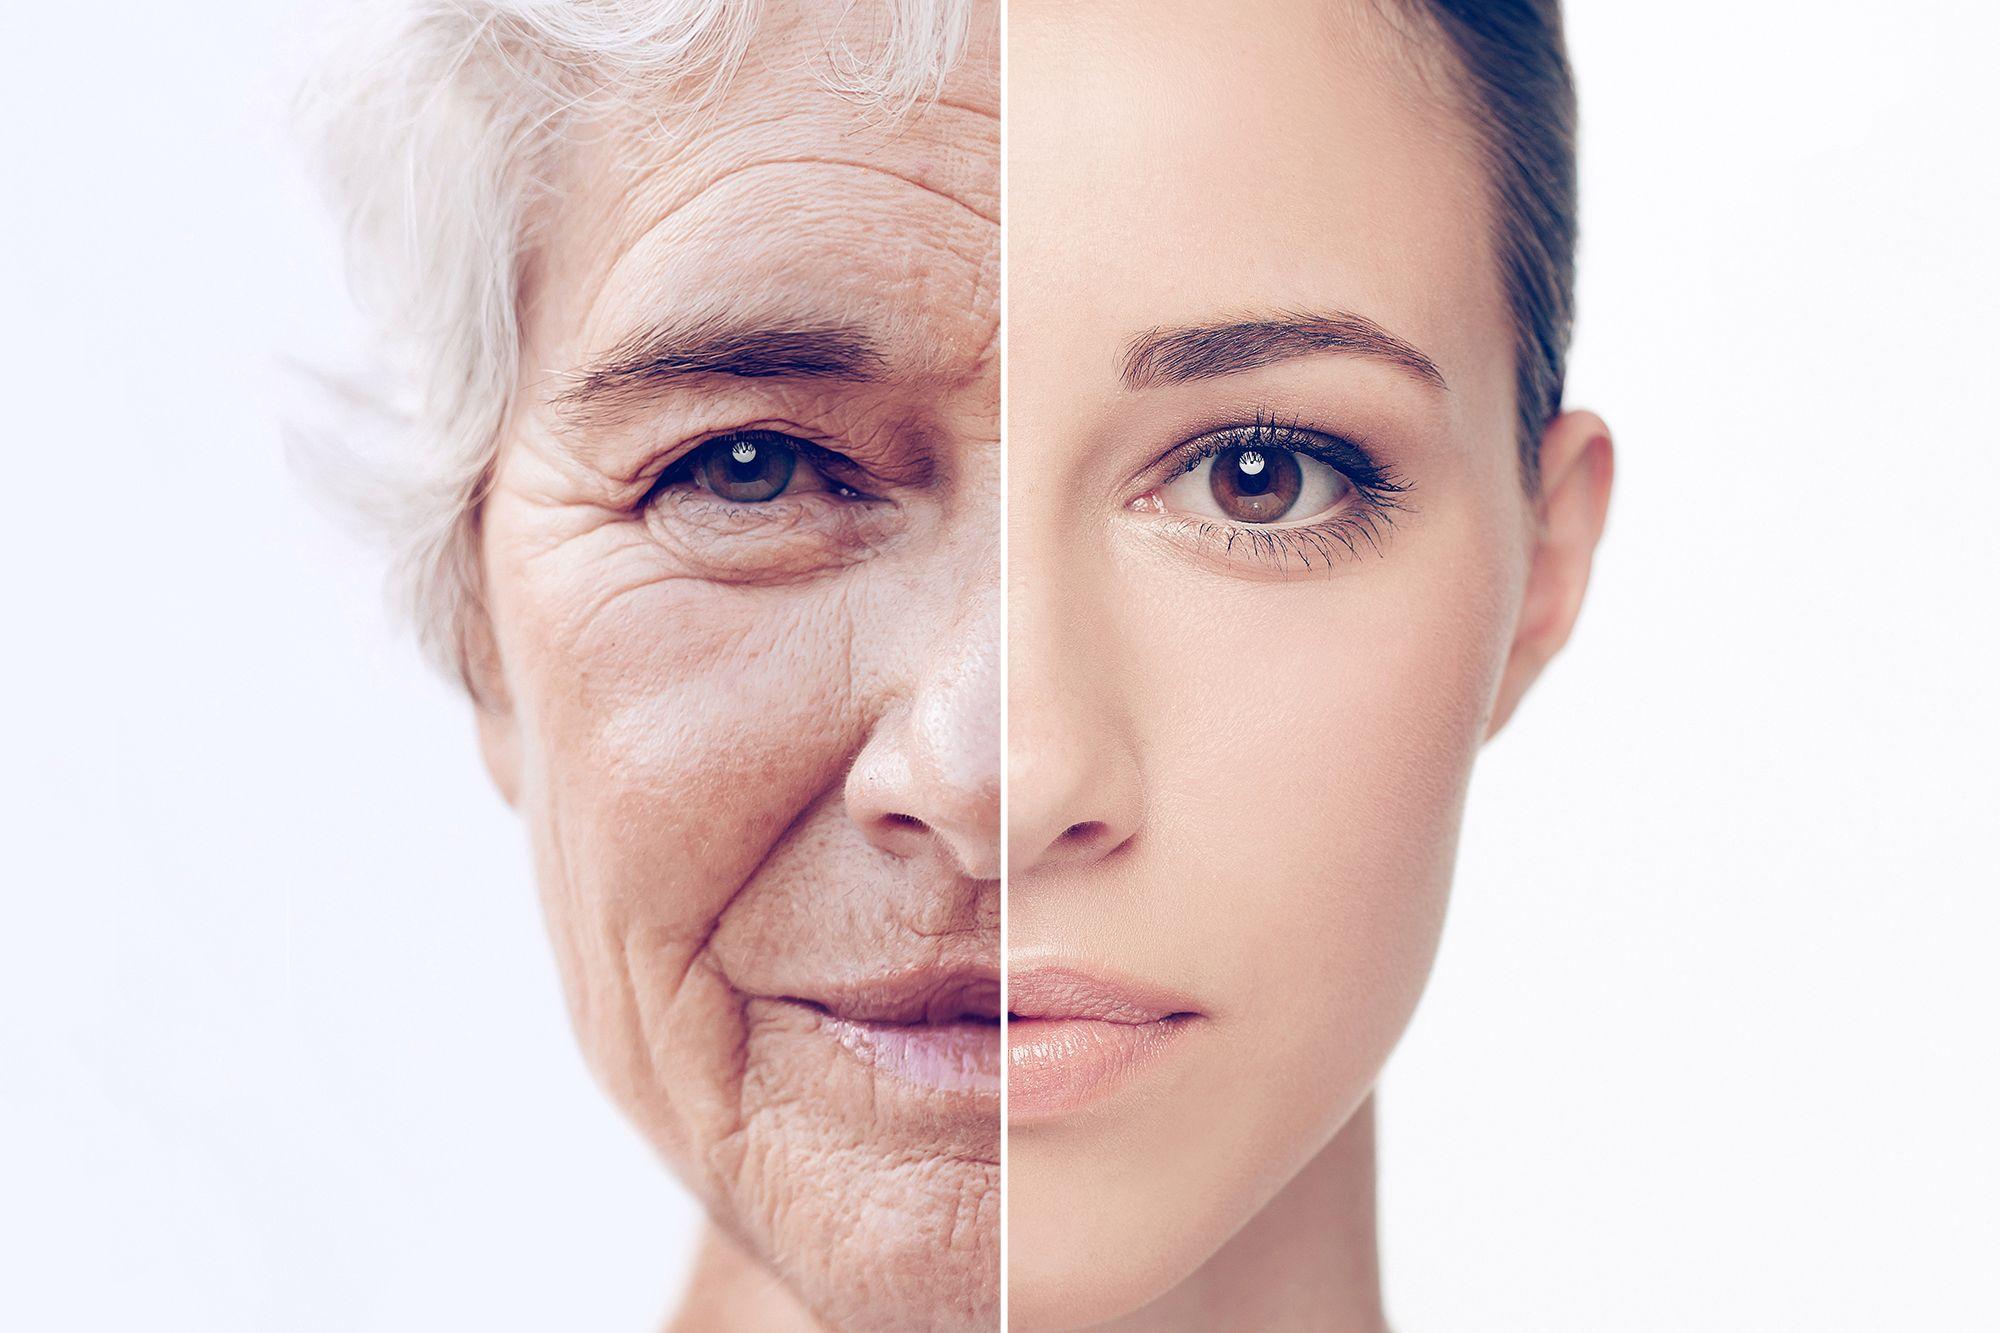 مولکولهایی که میتوانند روند پیری را کنترل کنند